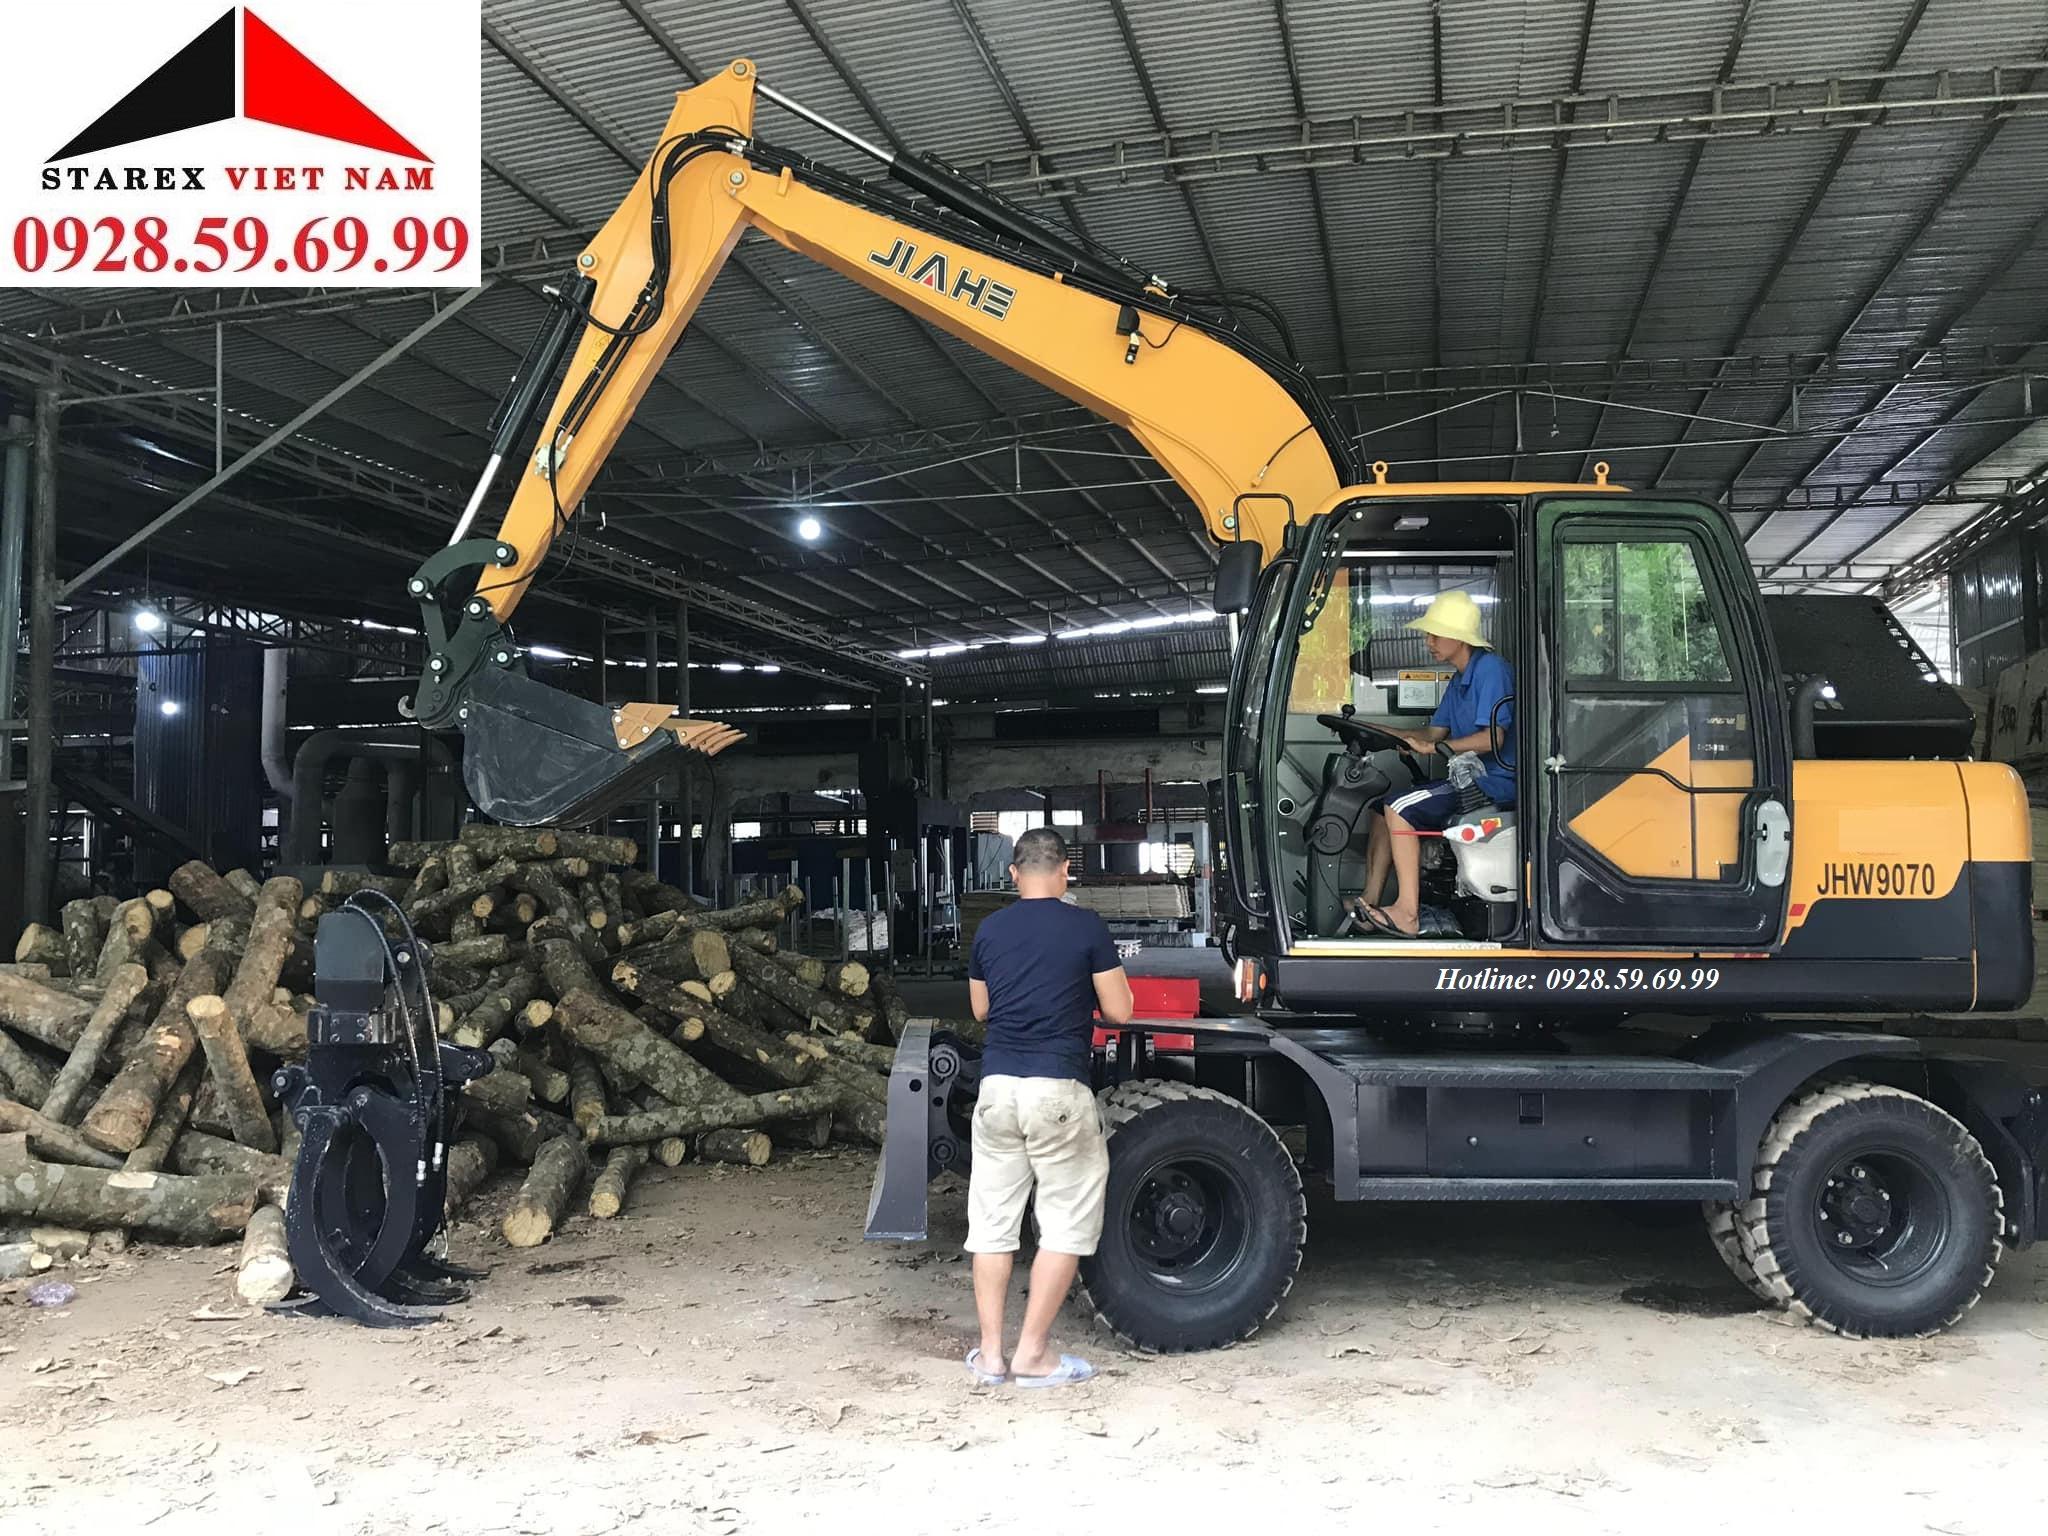 Máy xúc đào bánh lốp gắp gỗ JIAHE JHW70